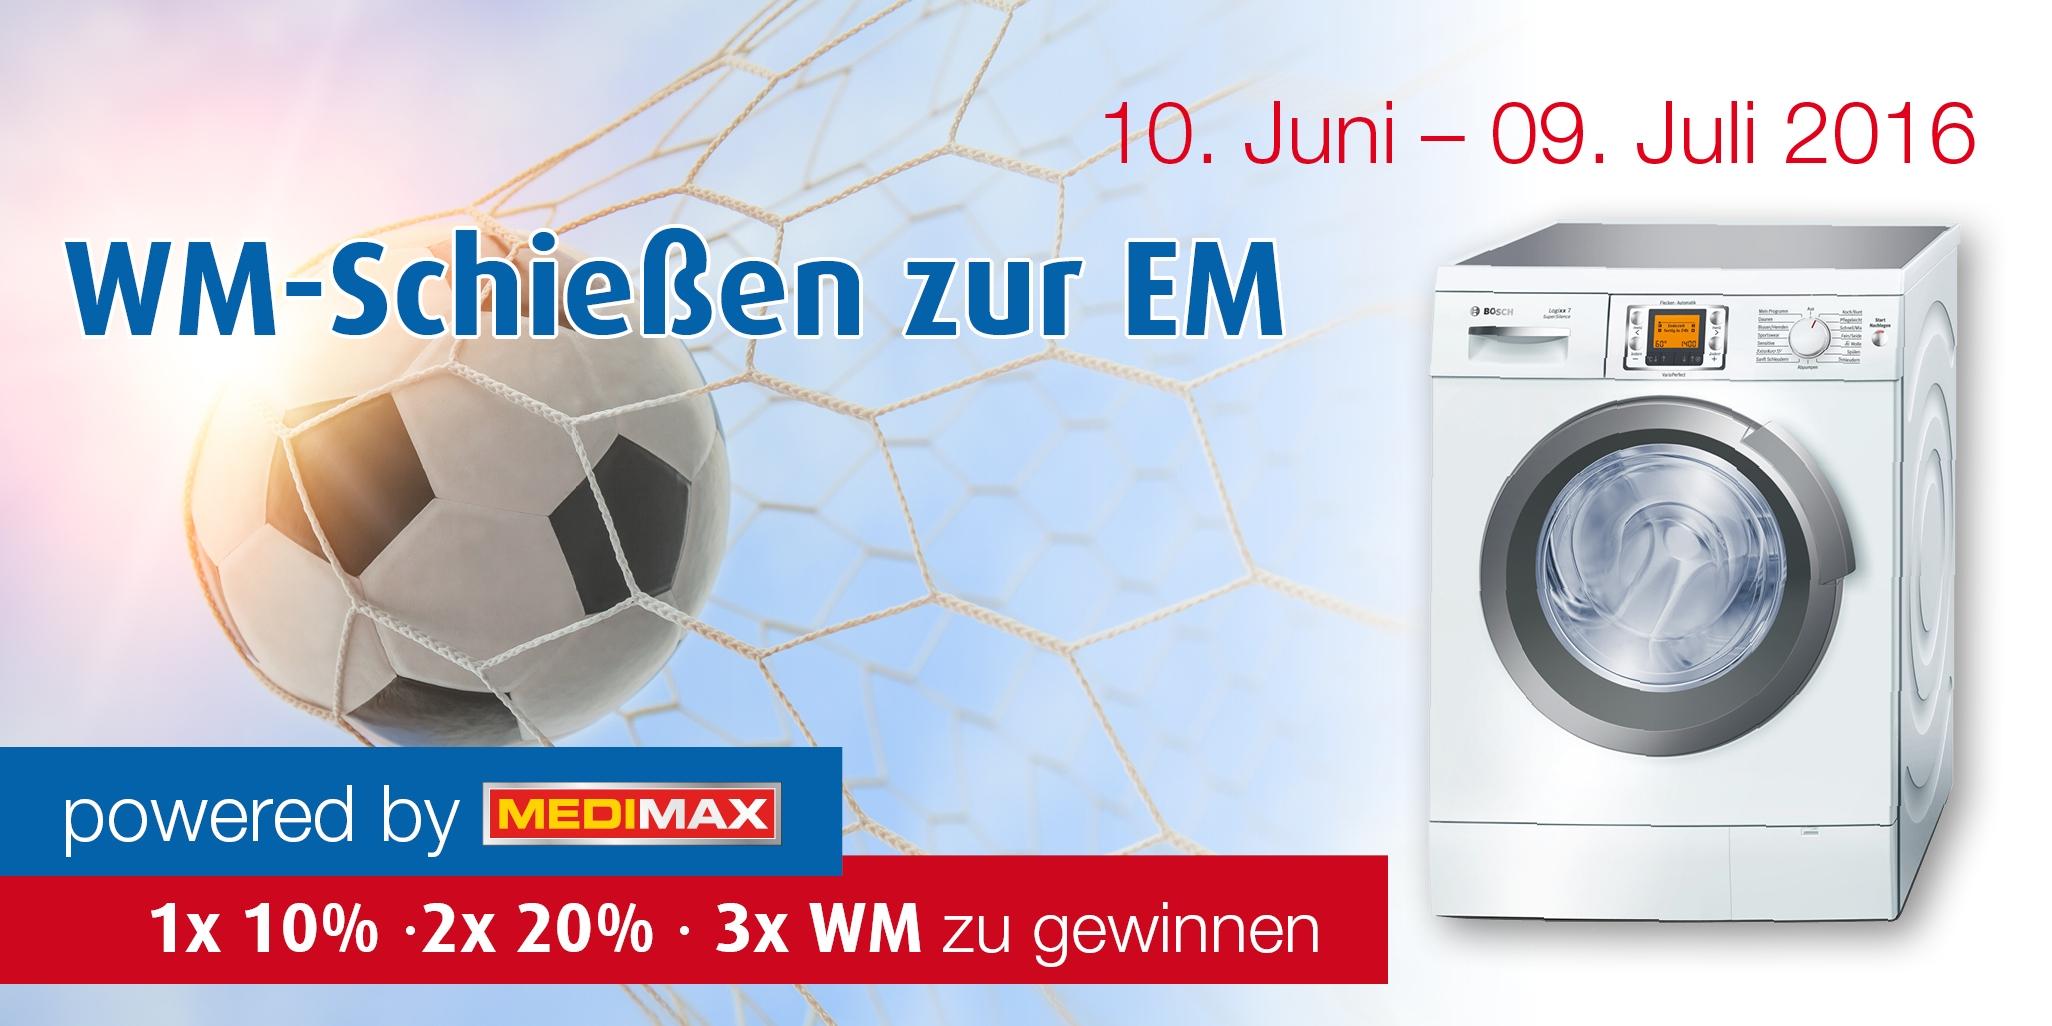 MediMax (Logo) präsentiert zur EM die neusten TV-Entwicklungen